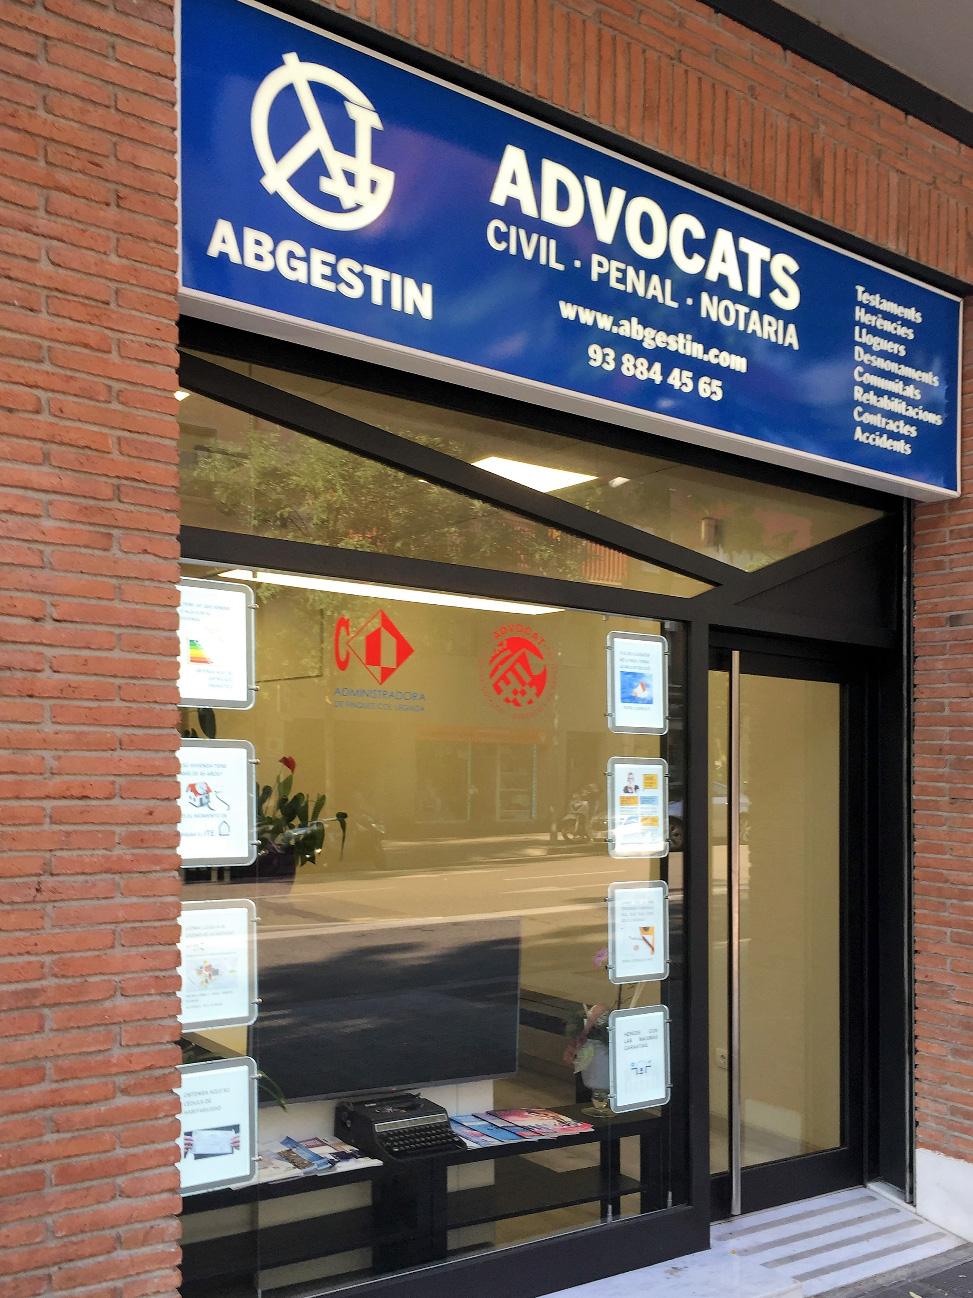 Abgestin abogados civil penal notaria barcelona - Colegio administradores barcelona ...